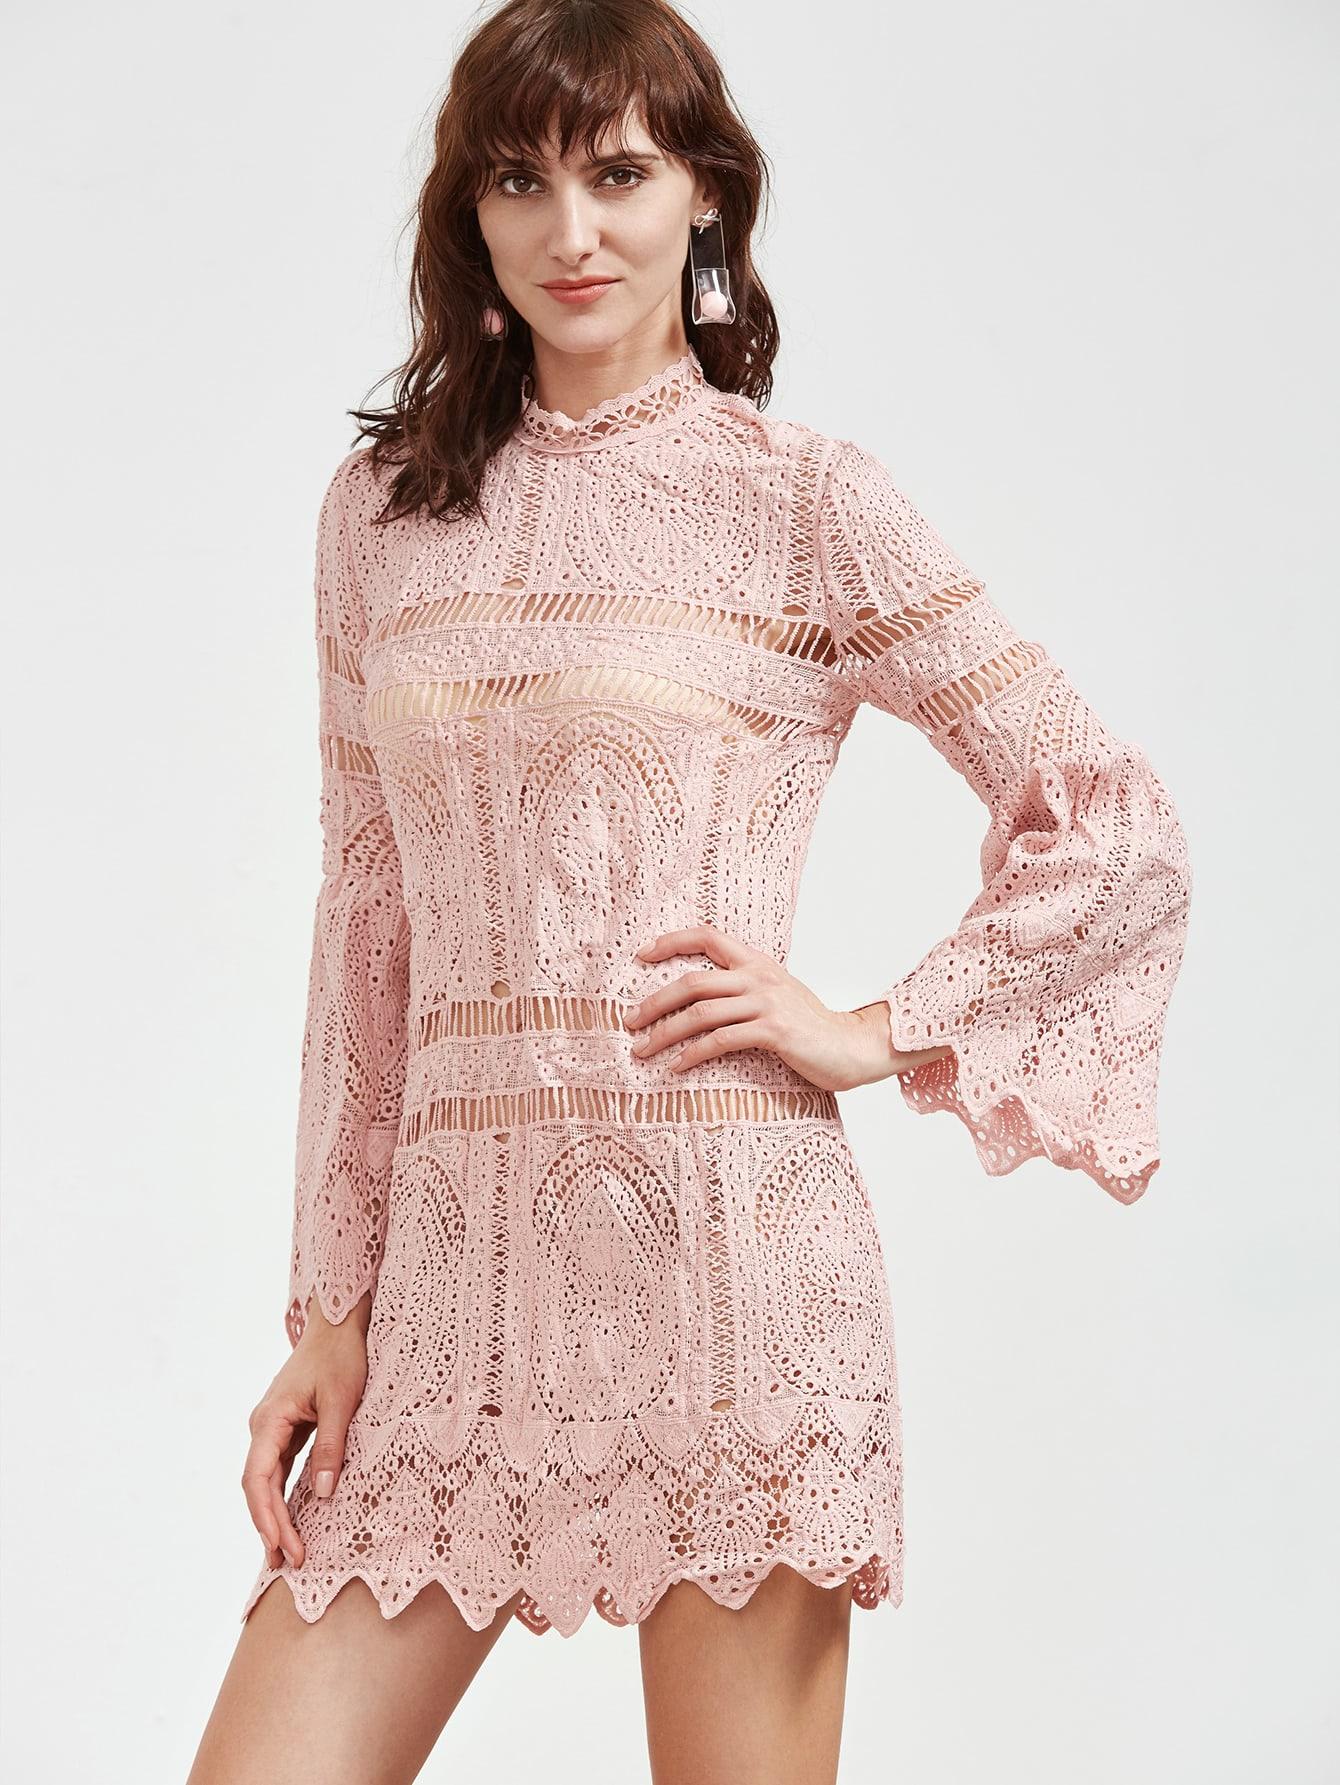 dress161206711_2